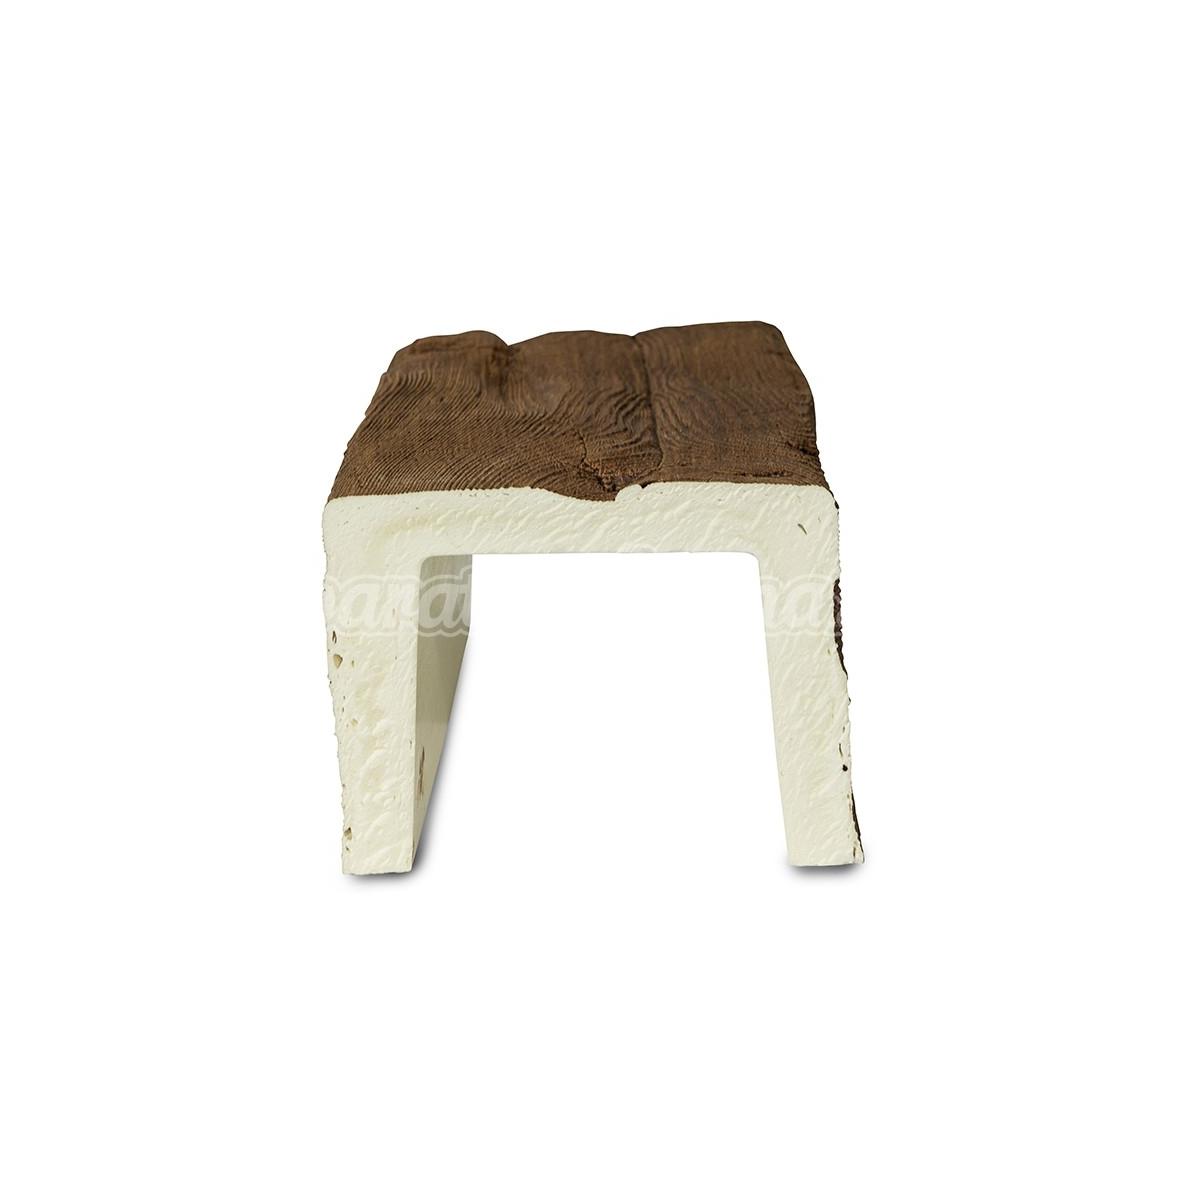 Viga imitación a madera 300x16x13 Grupo Unamacor Vigas imitación madera cuadradas